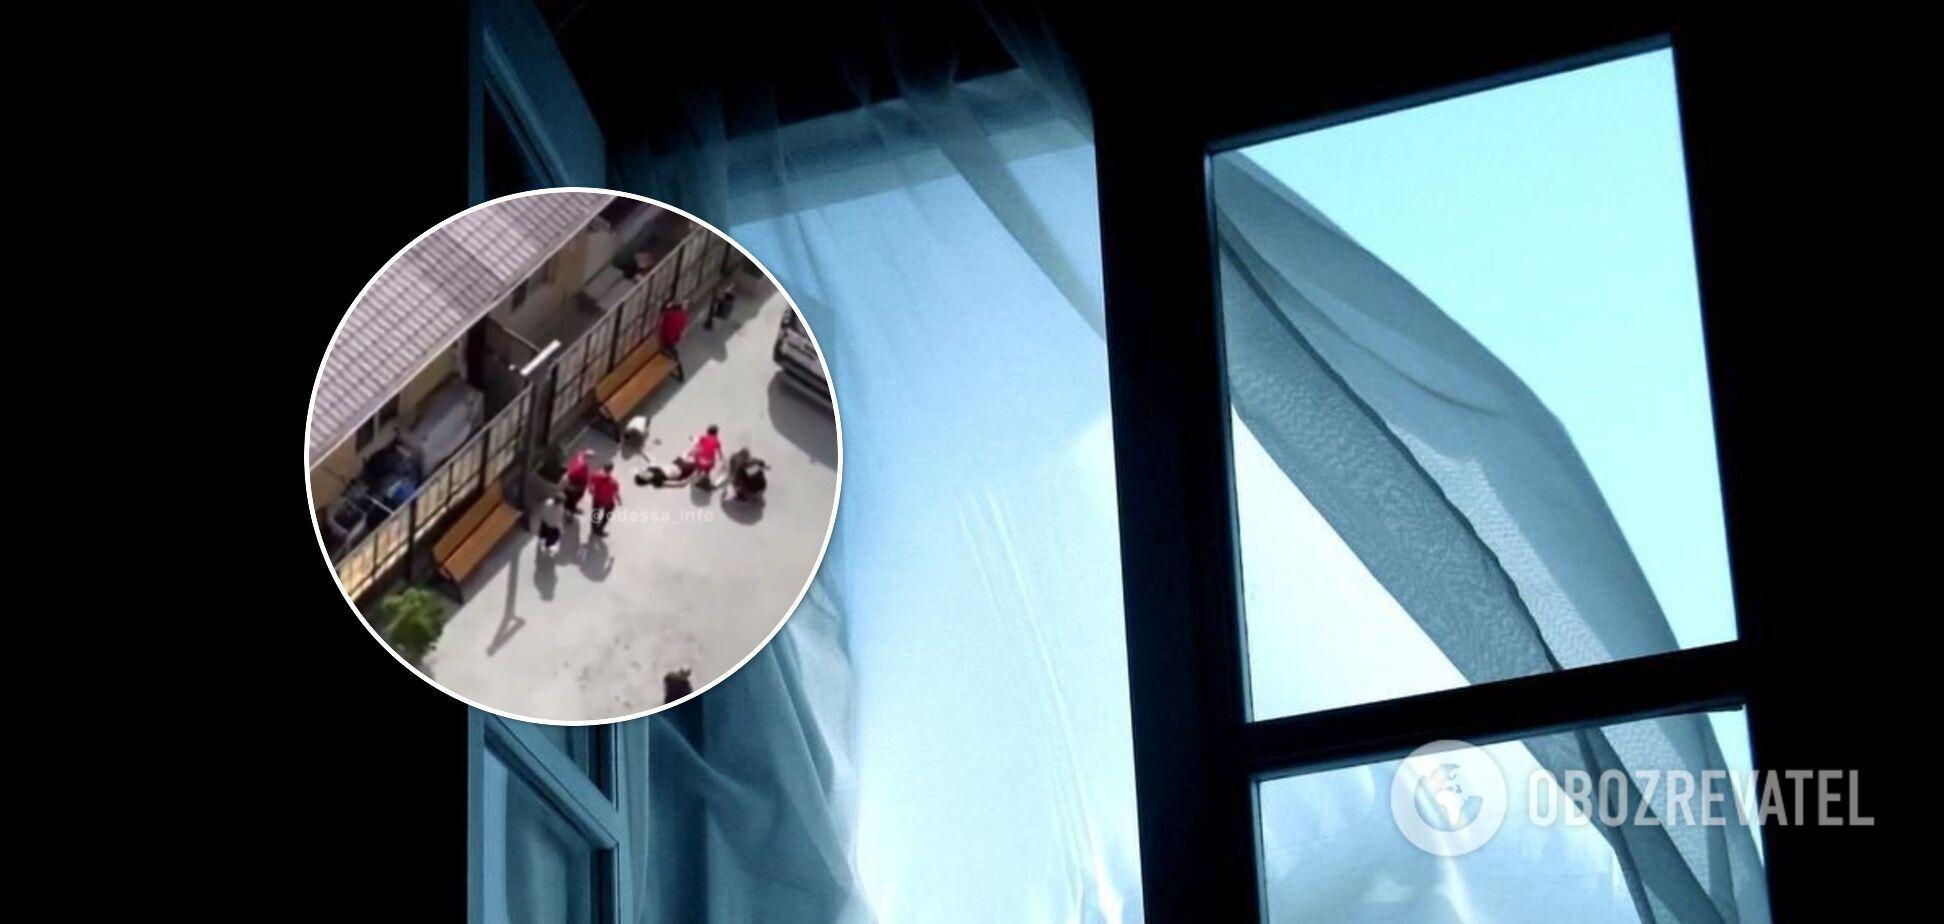 В Одессе парень выпрыгнул с 12-го этажа. Видео